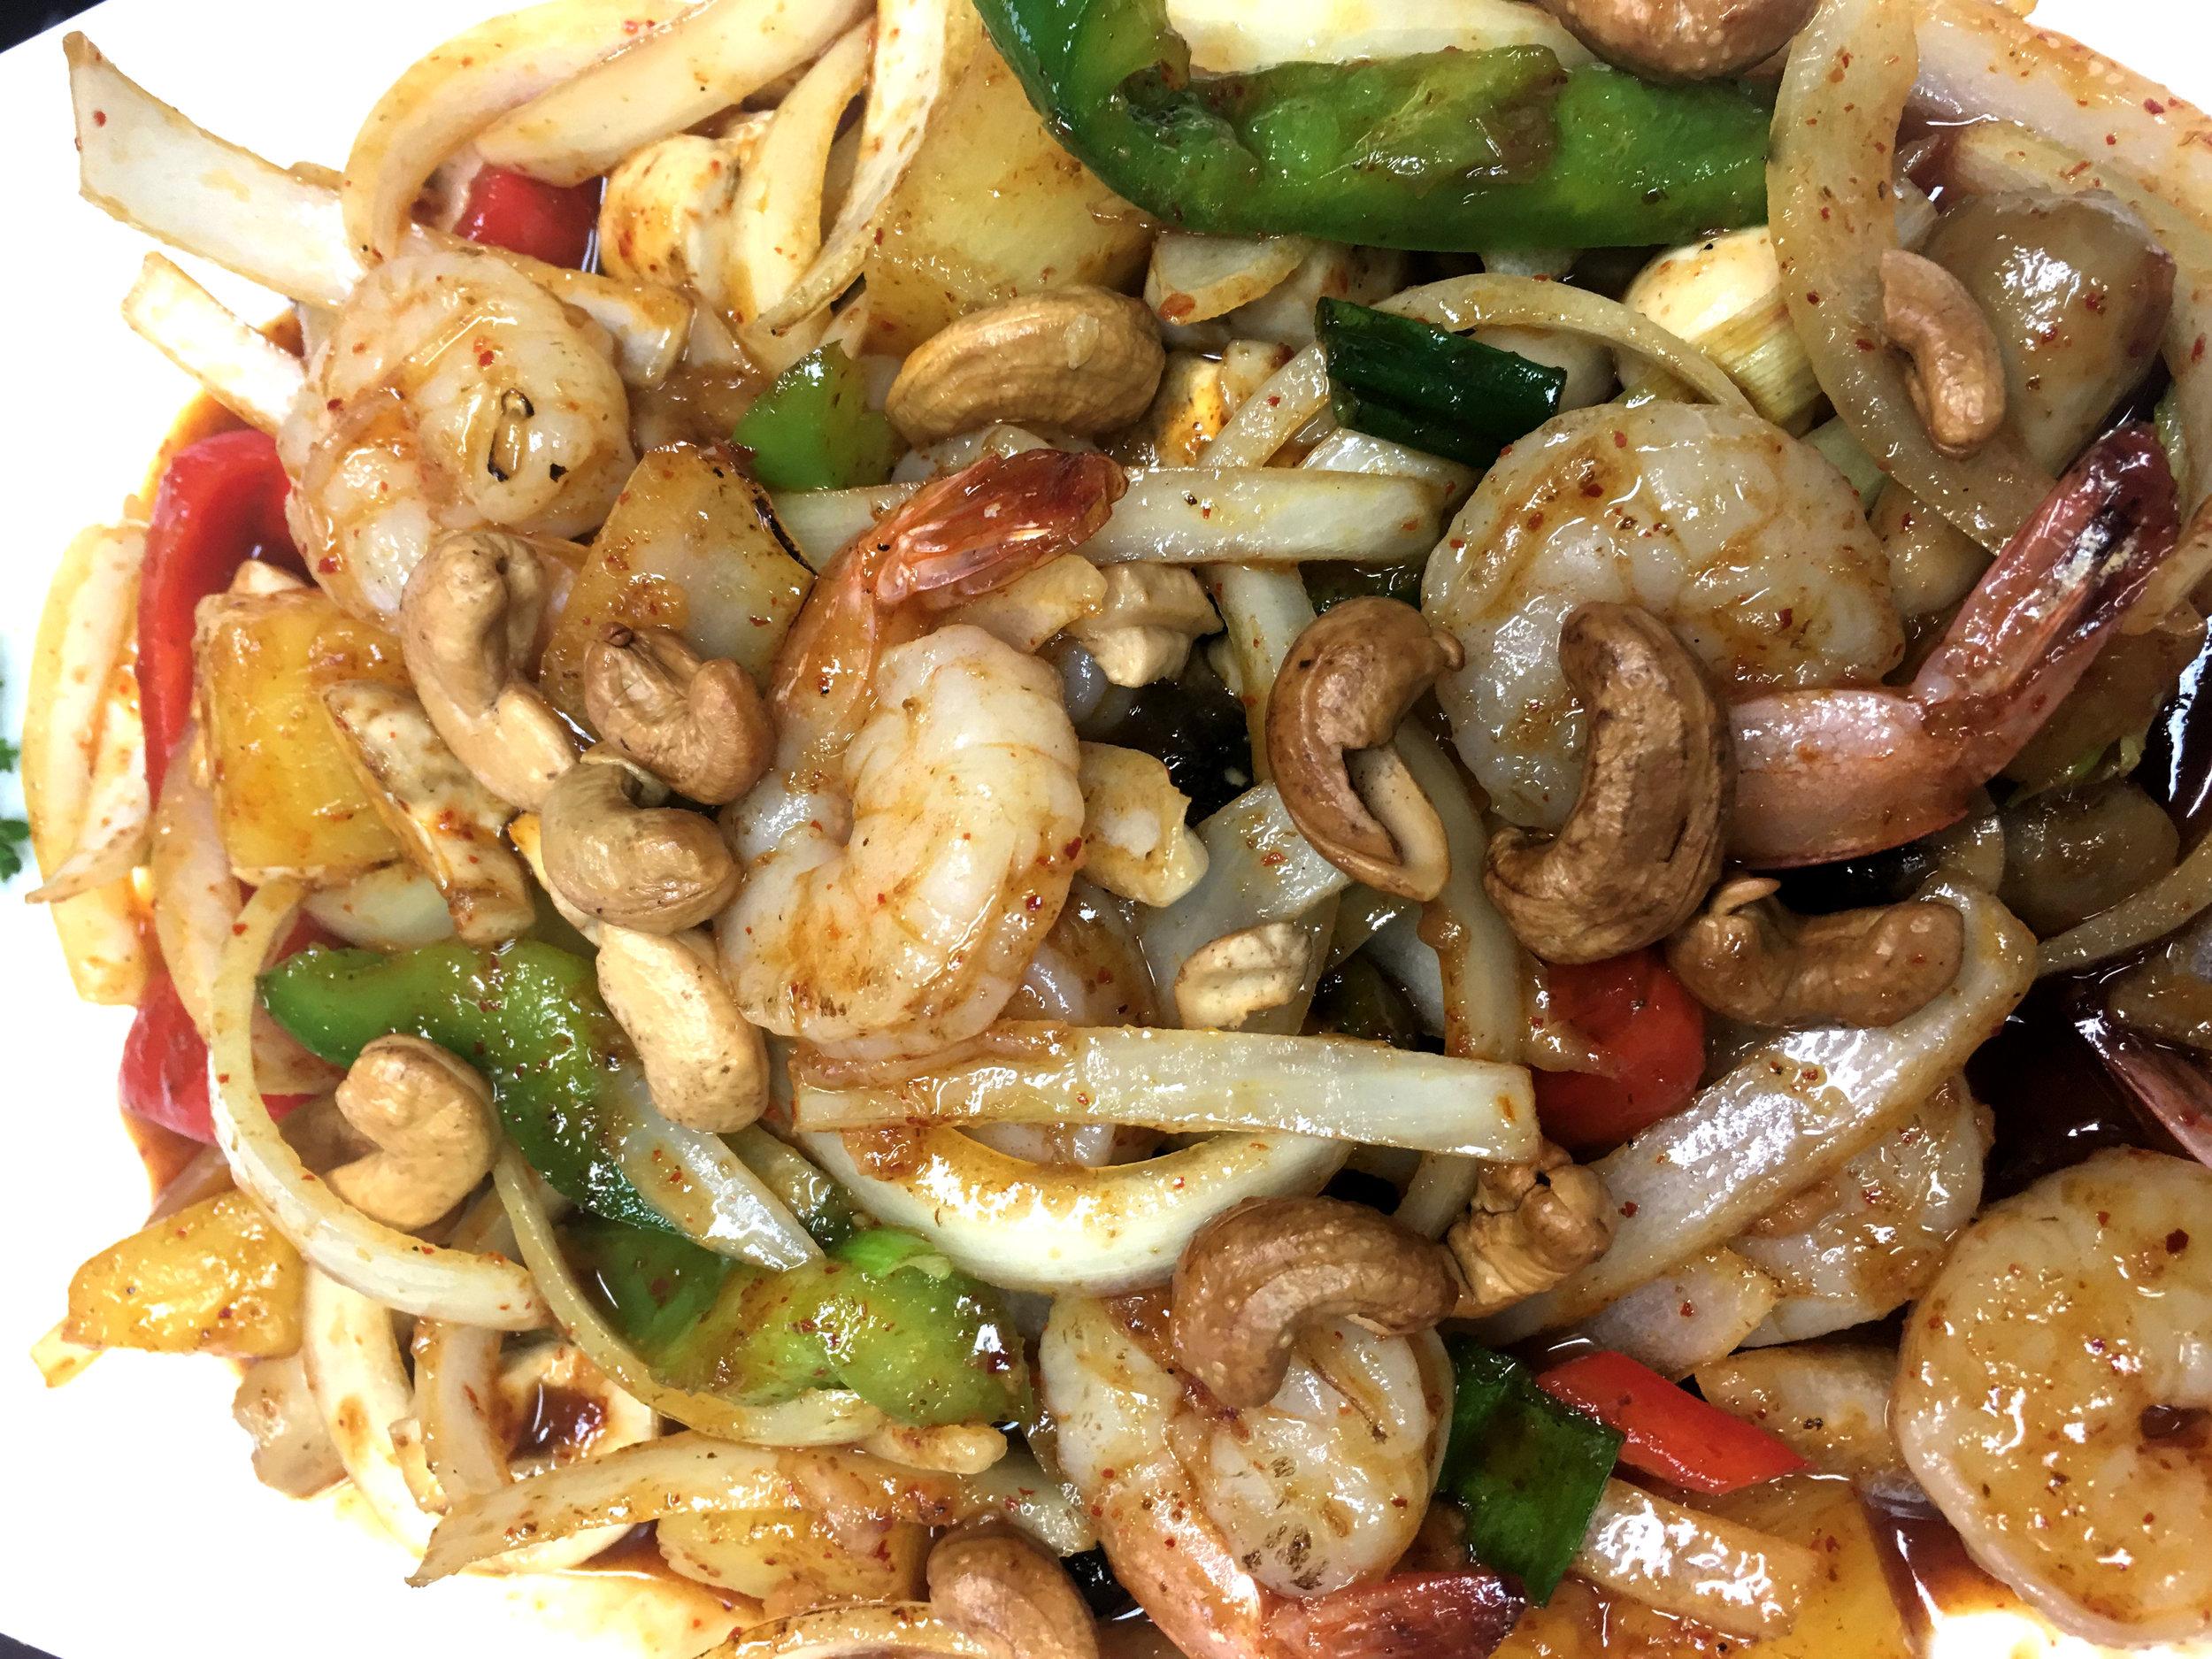 CashewNuts_Shrimps2.jpg